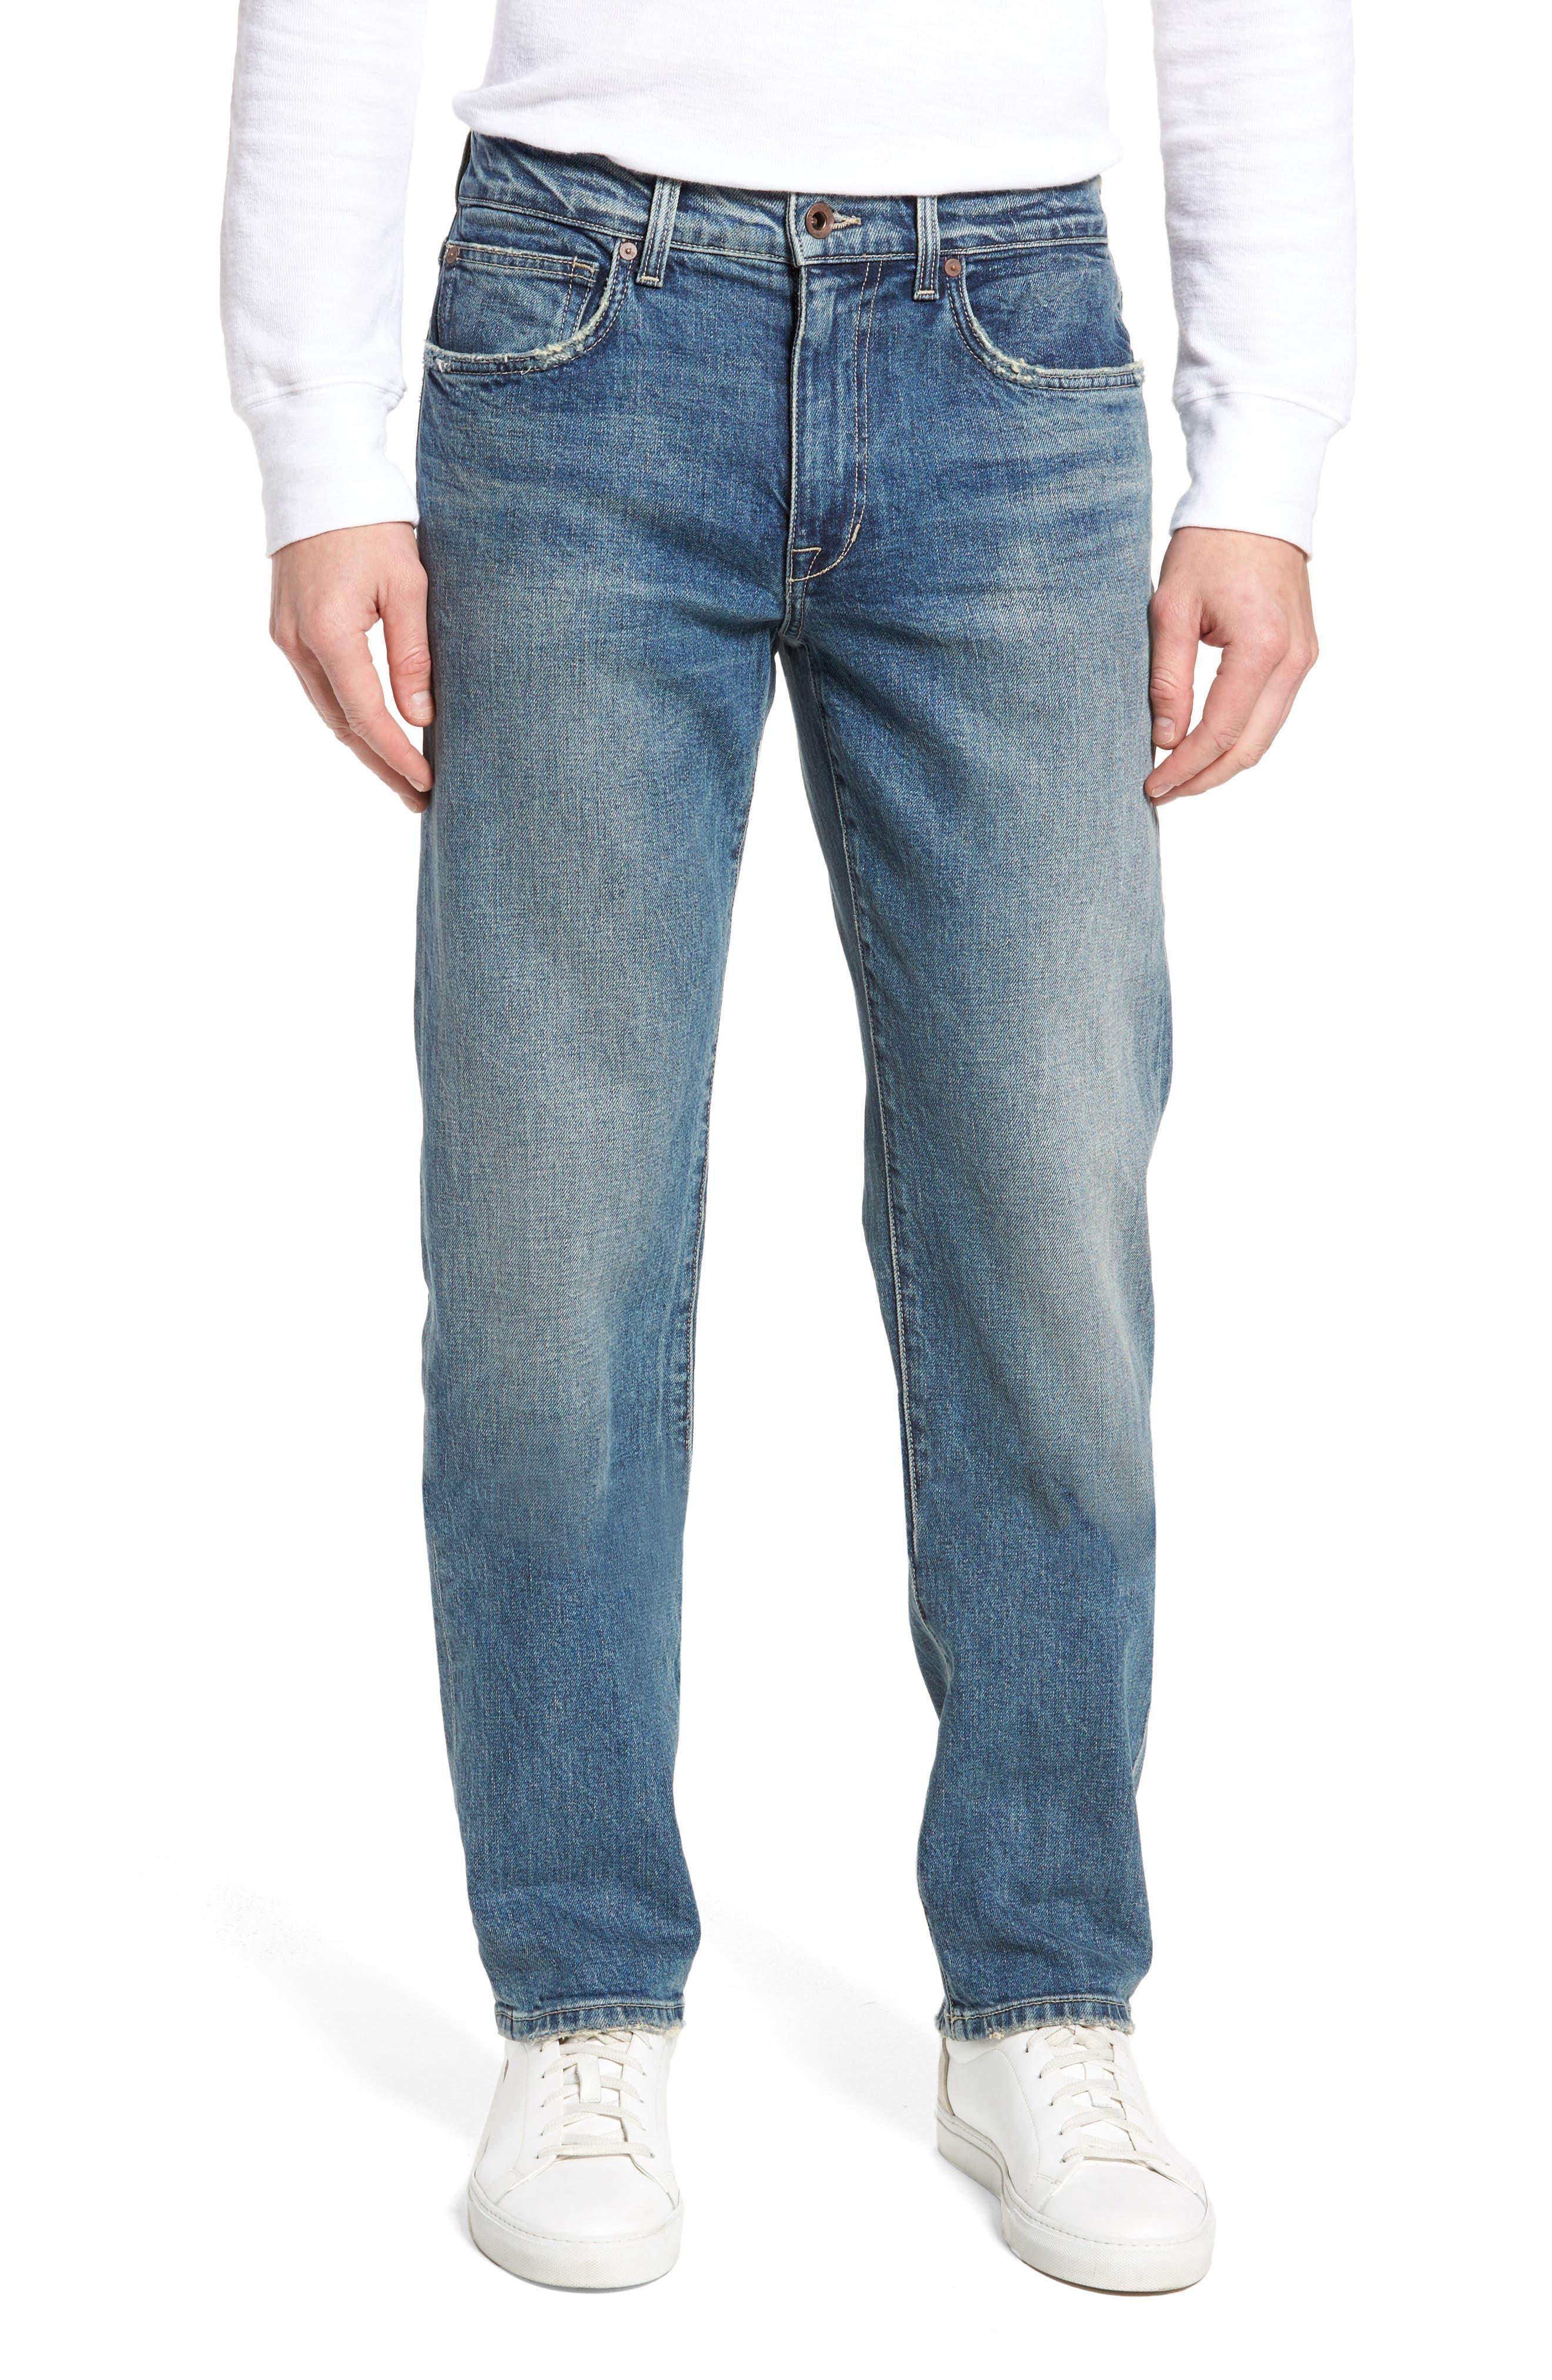 Brixton Slim Straight Fit Jeans,                         Main,                         color, Harken